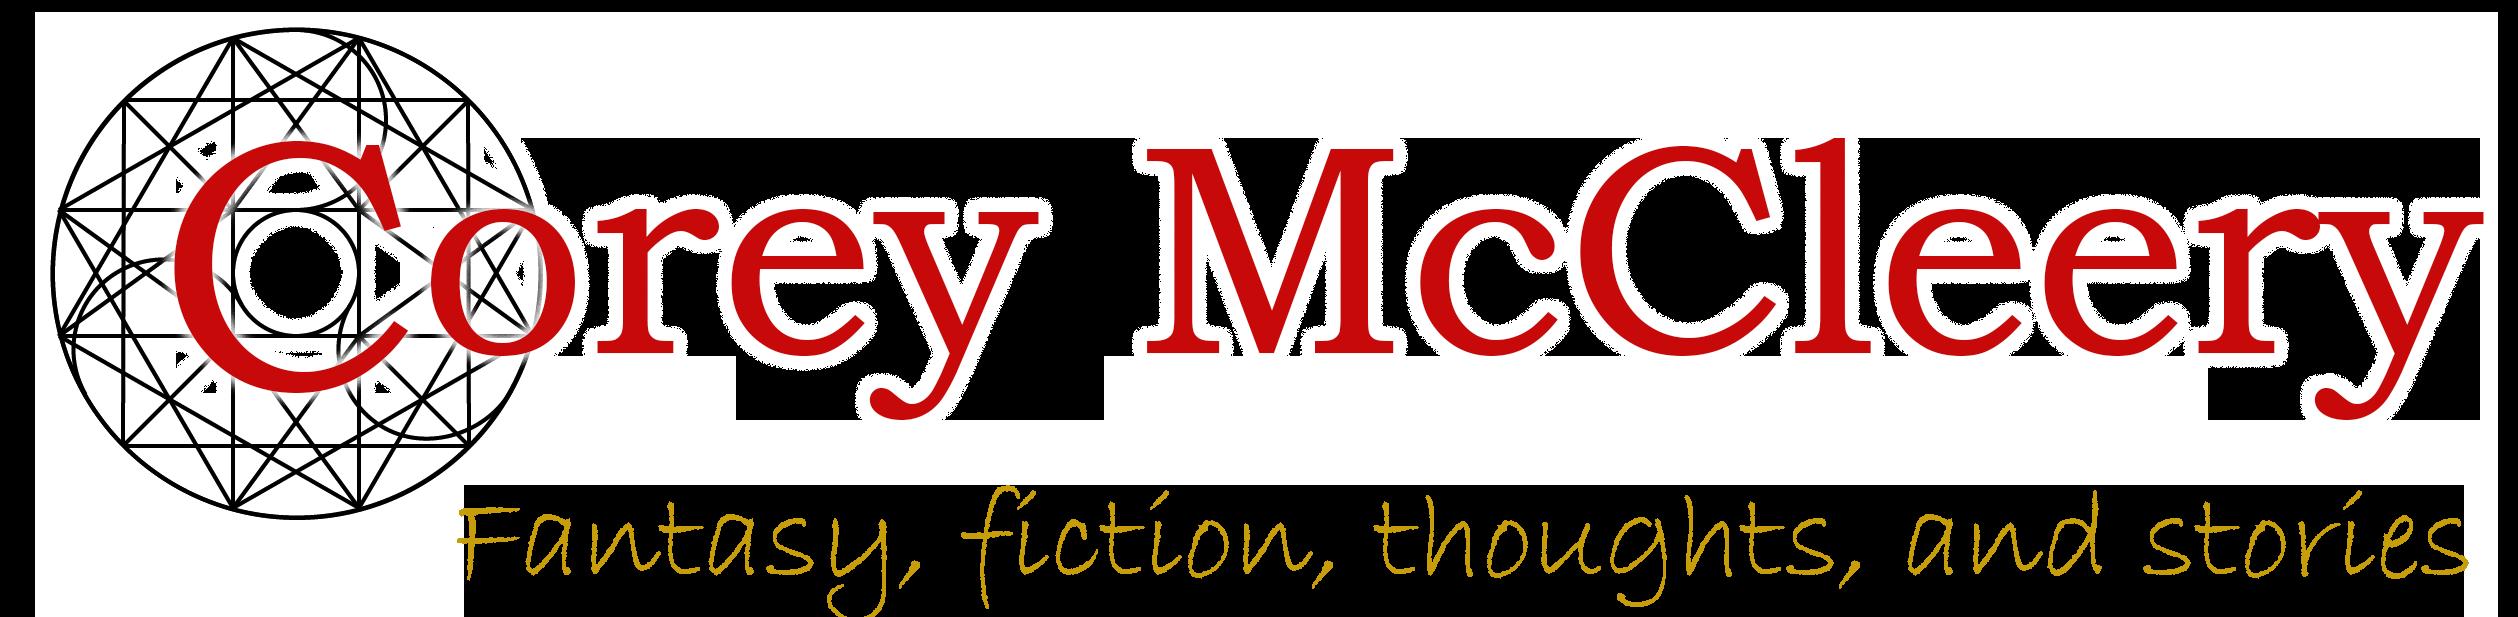 Corey McCleery